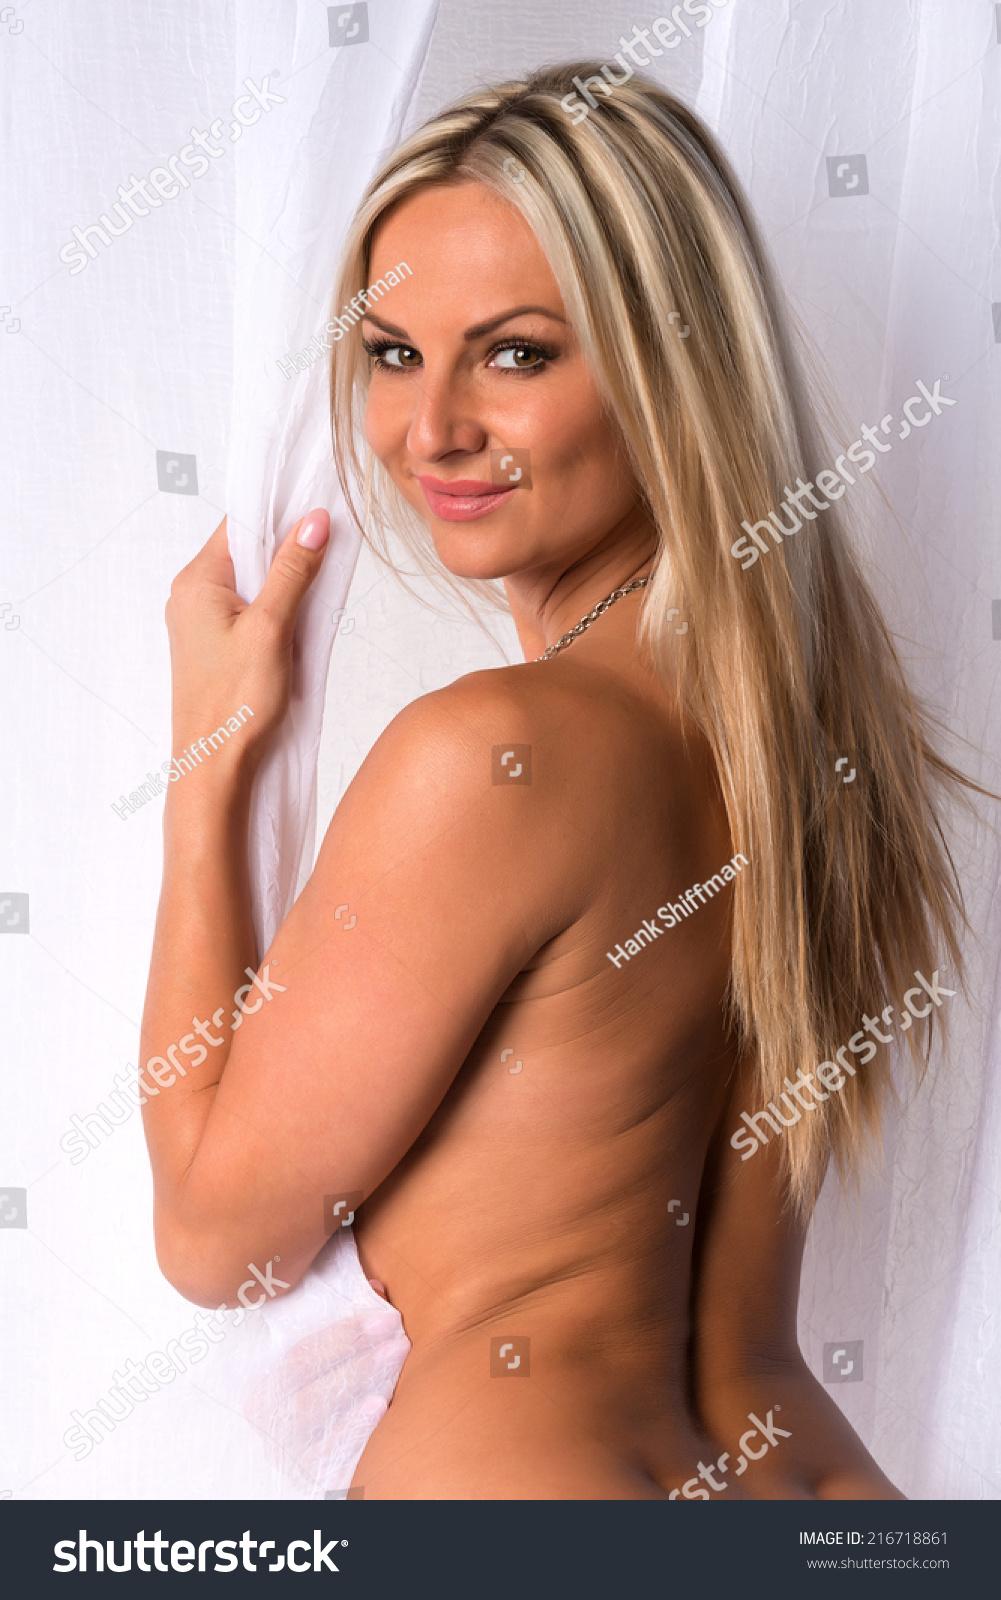 nude Czech beauty